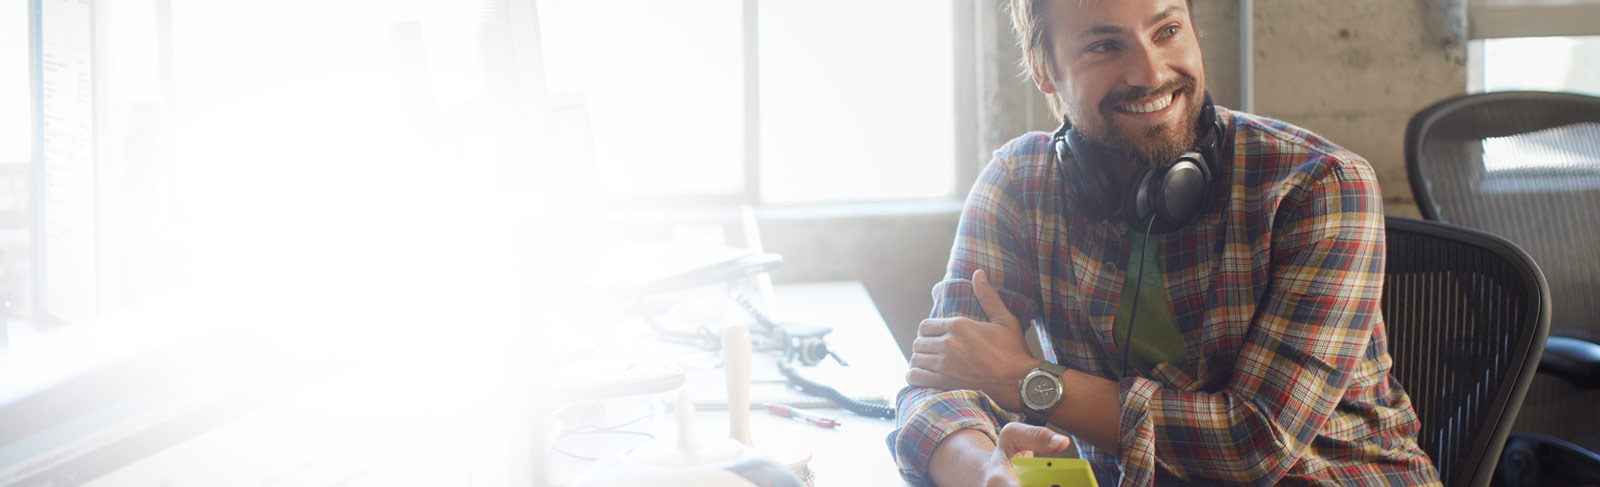 Muž pri stole držiaci v ruke telefón, v ktorom sa používa služba Office 365 Enterprise E1.